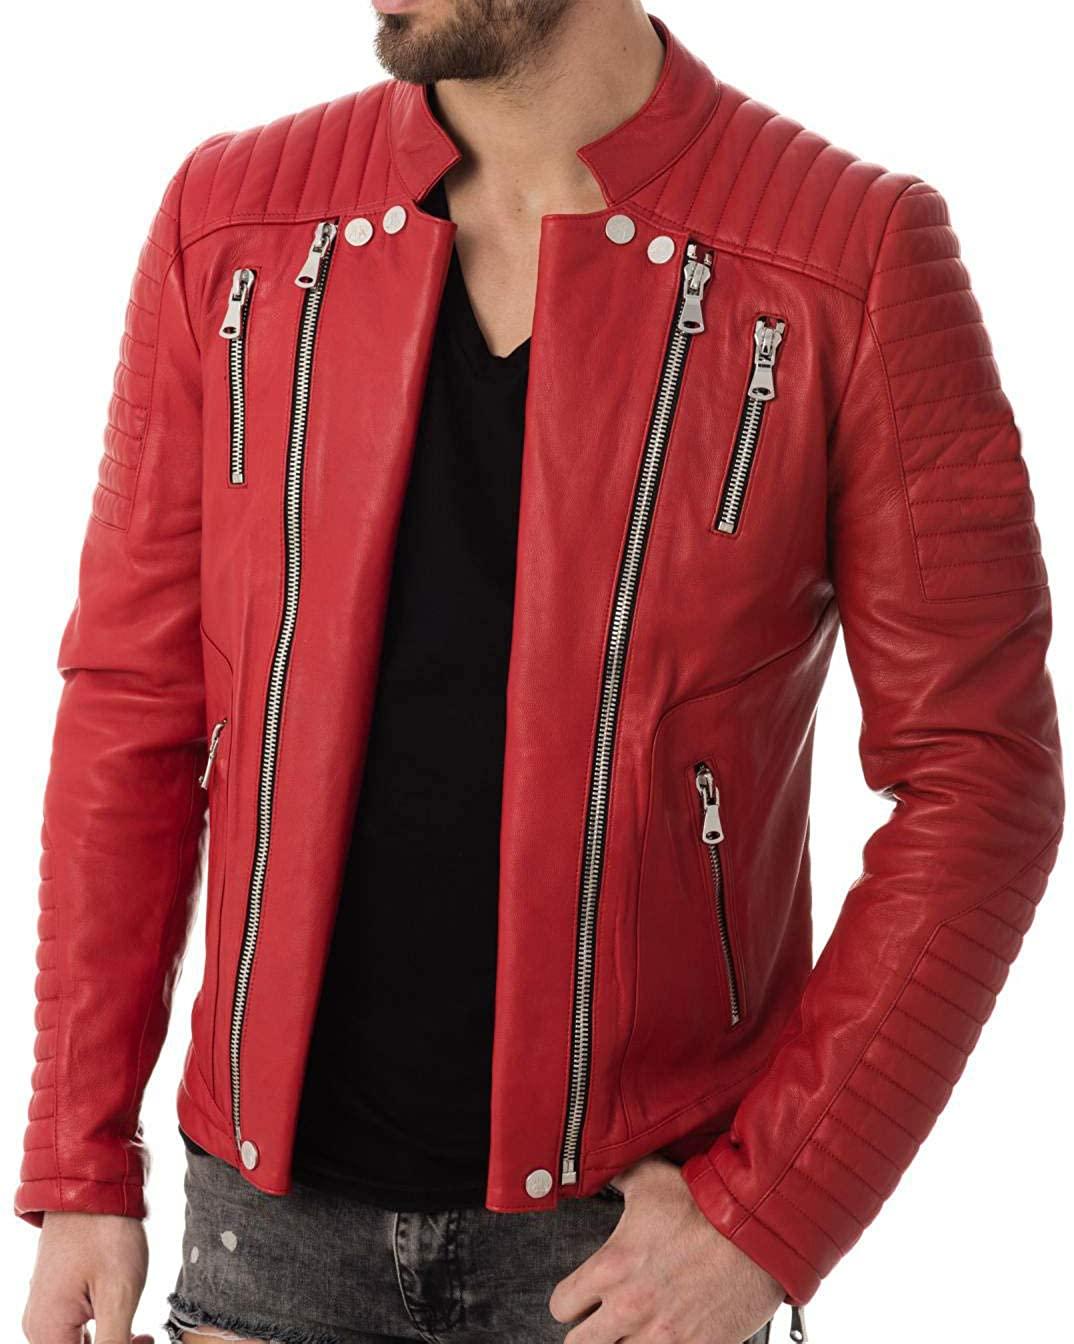 Men's Genuine Lambskin Leather Jacket MJ 165